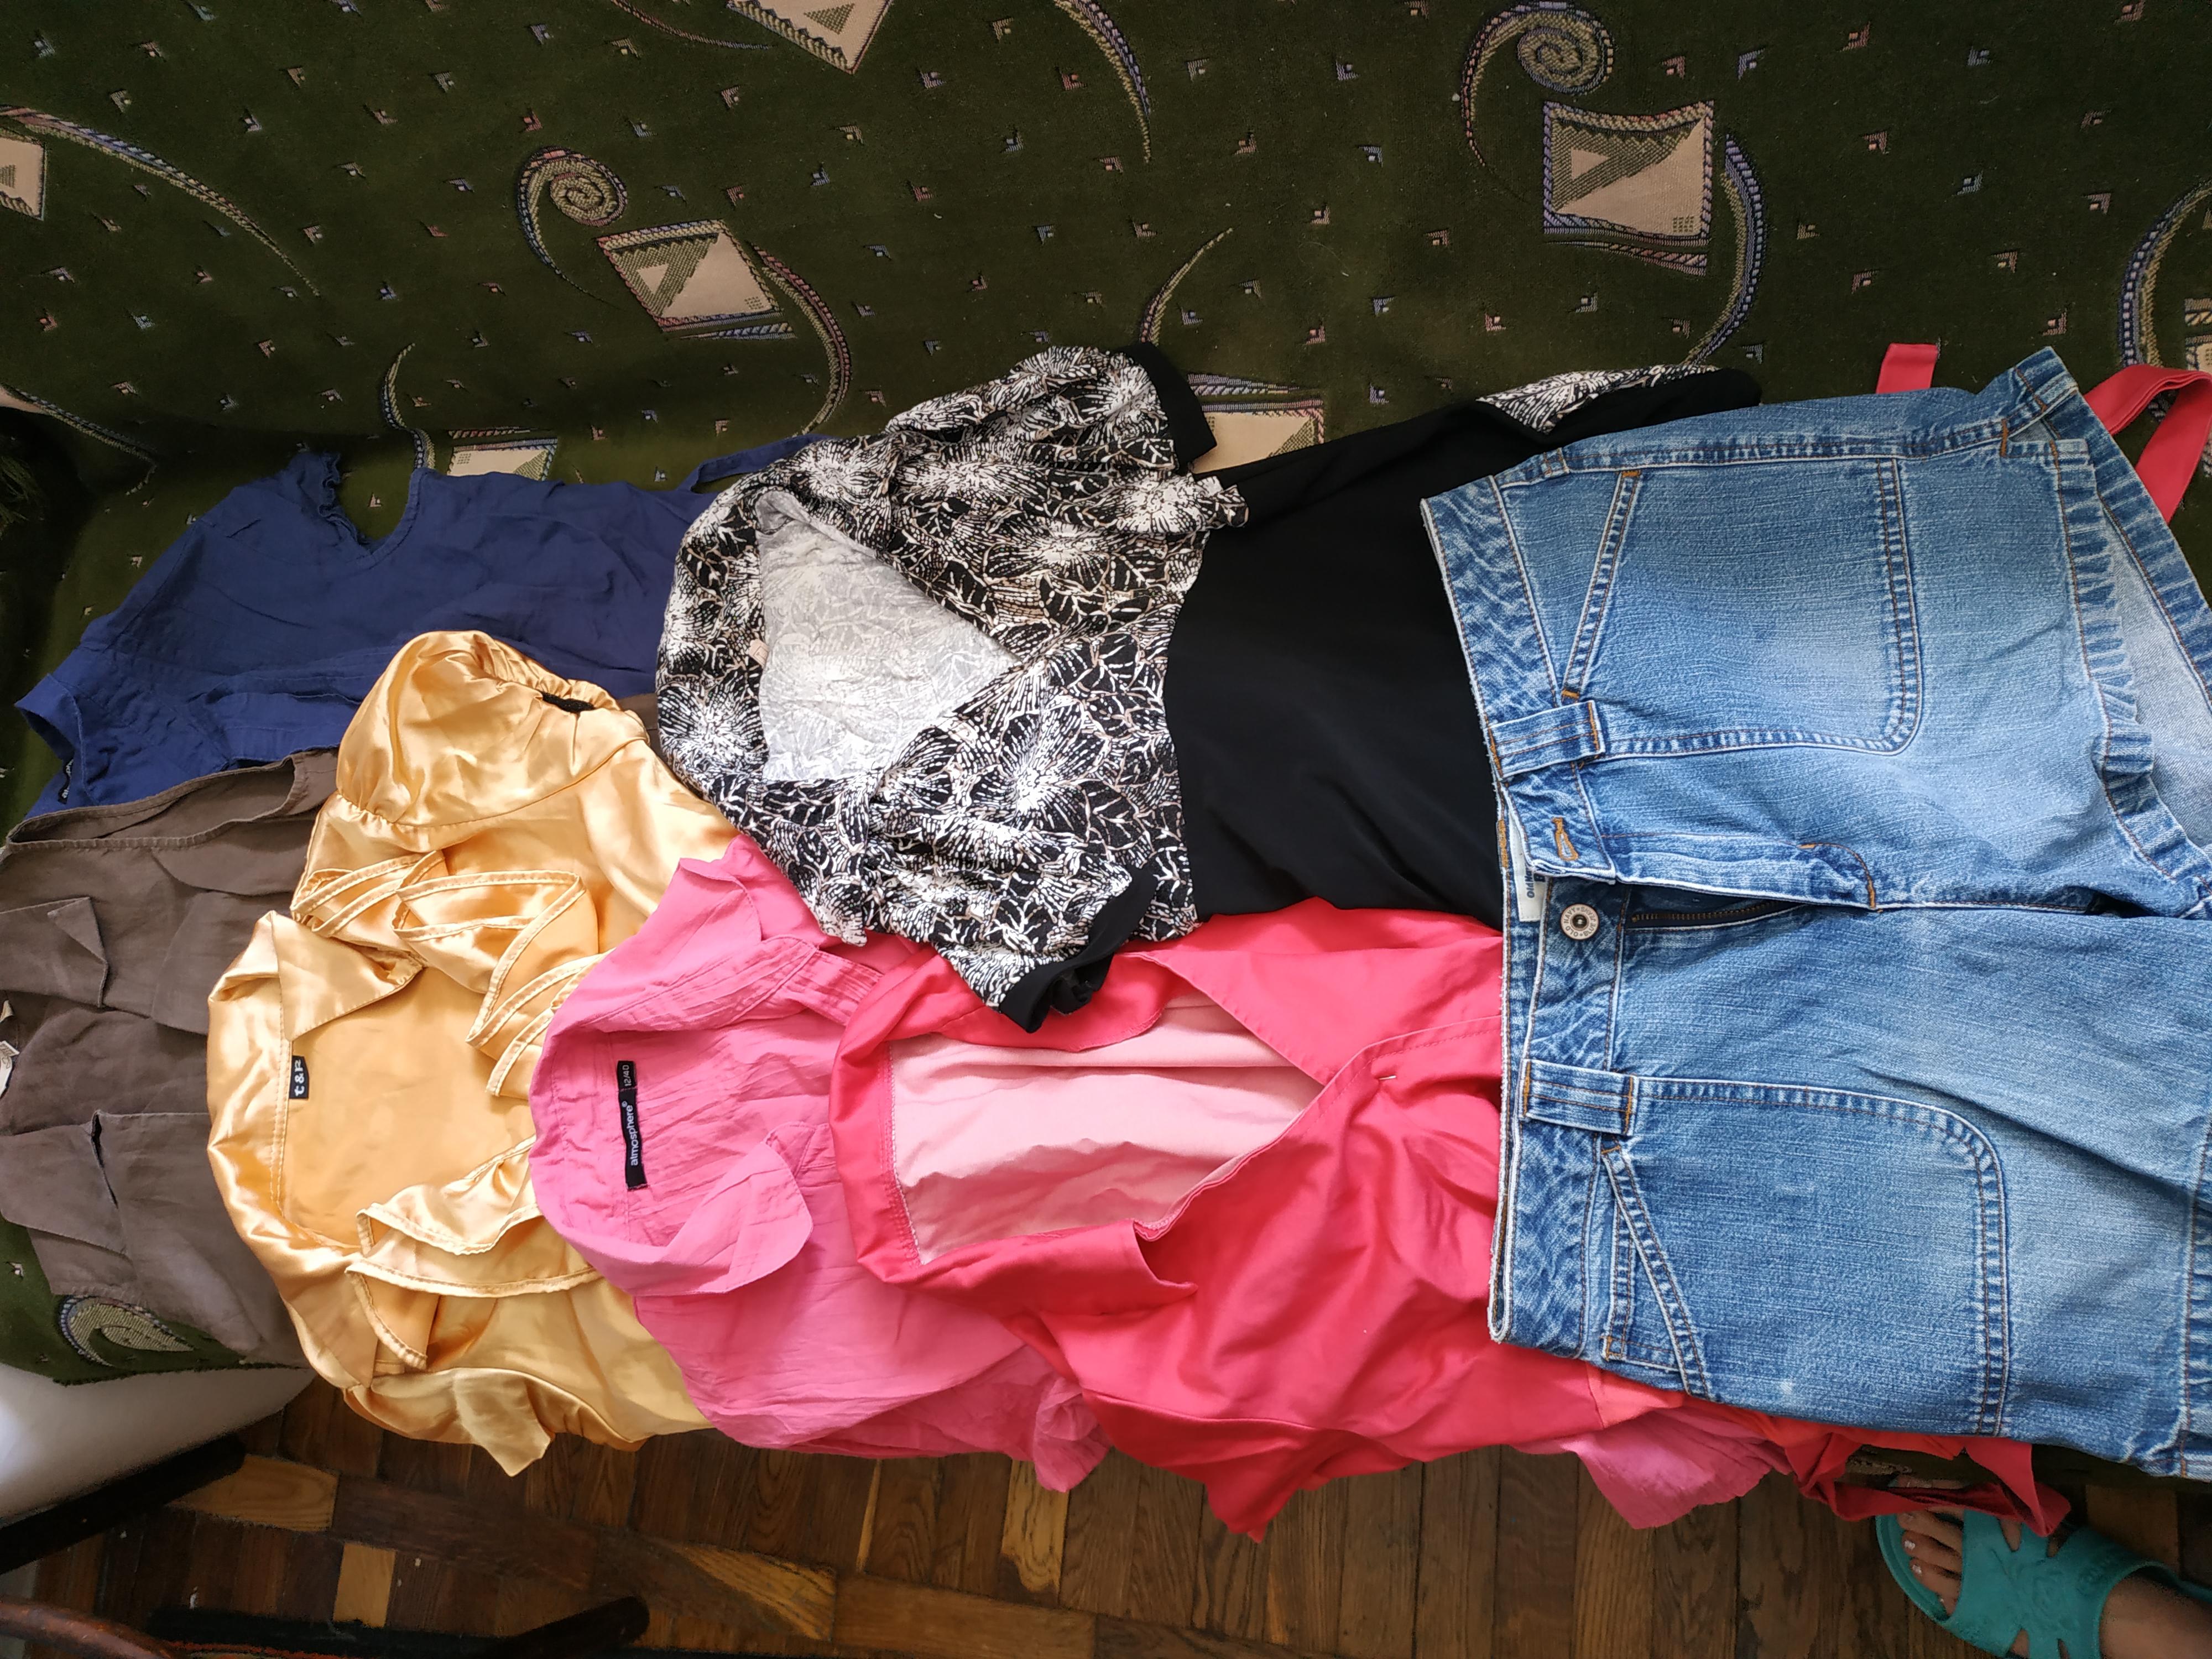 Одним лотом пакет женских вещей на лето 6 блузок и шорты, размер м-л